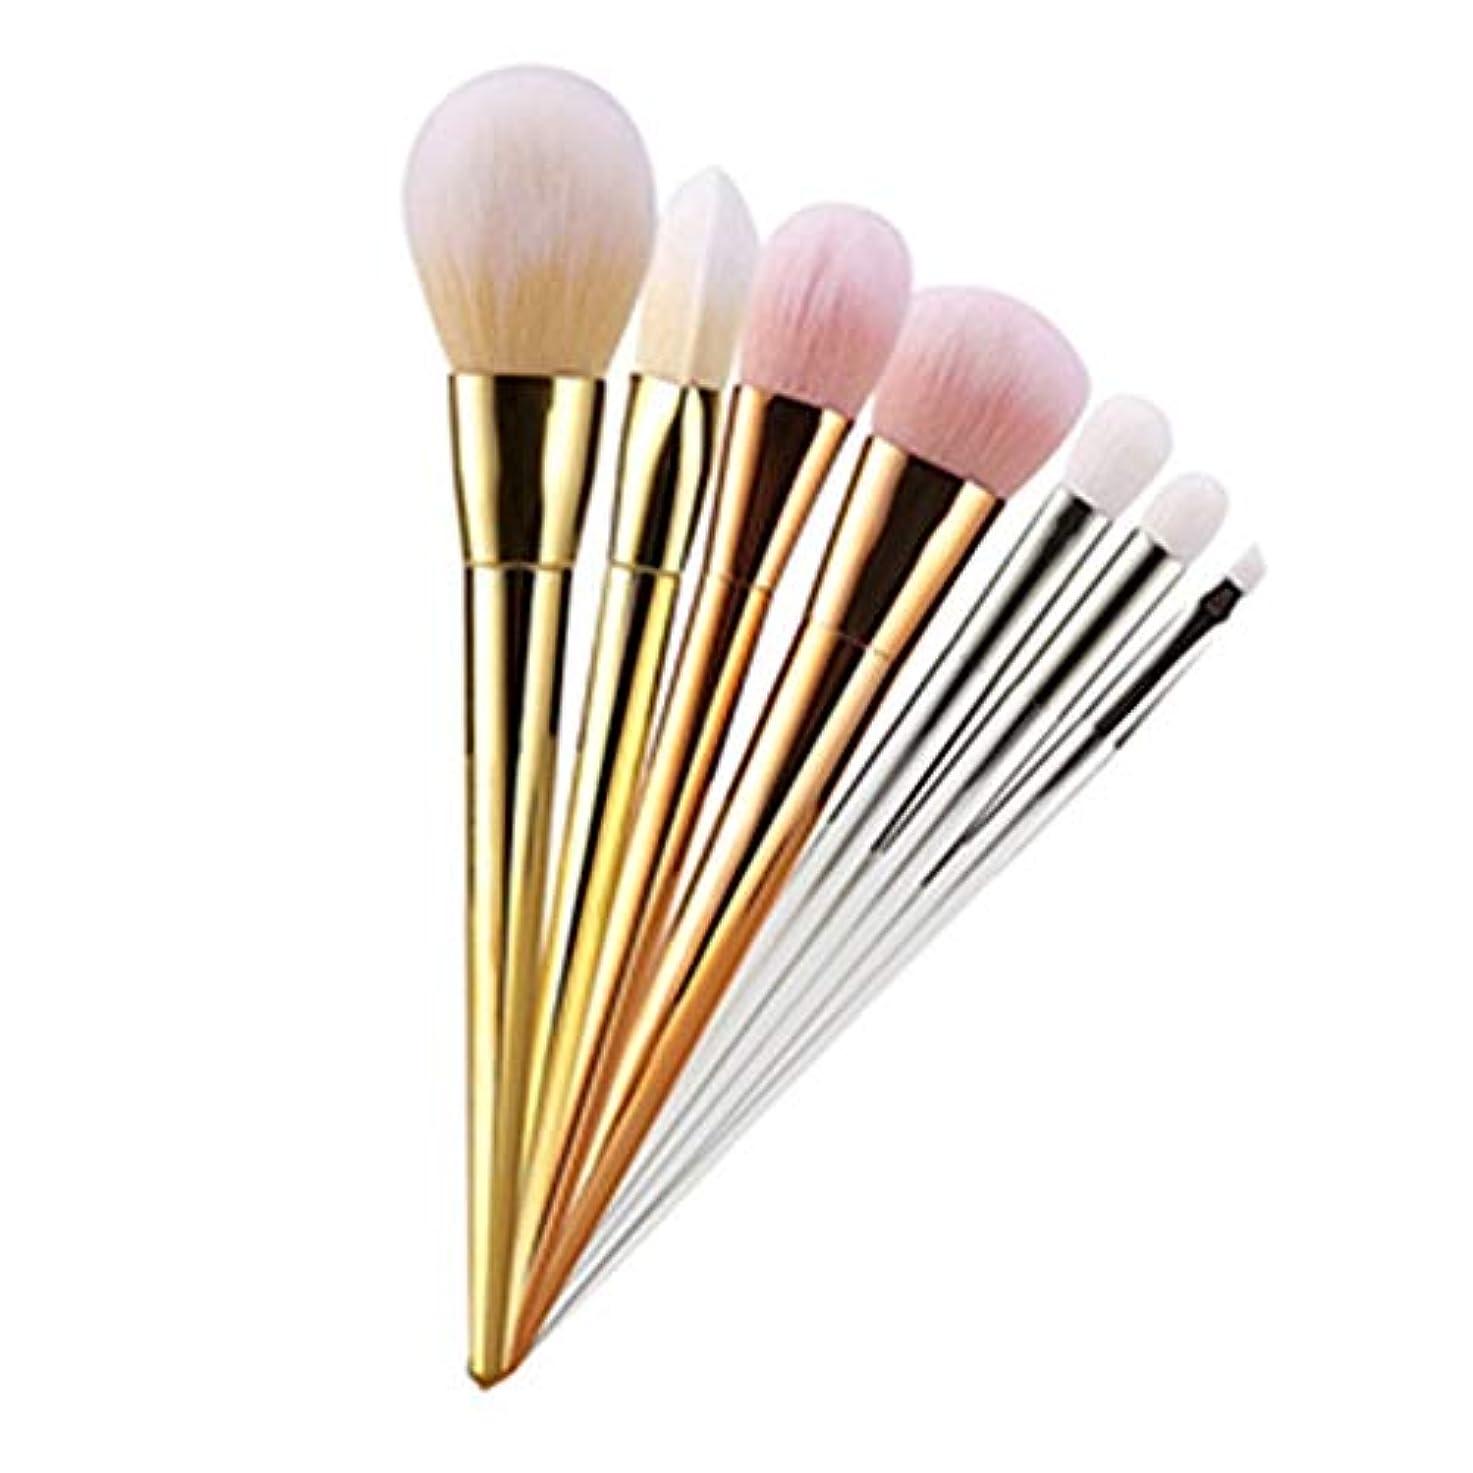 物思いにふける悲観主義者生む美容メイク 7ピース 化粧ブラシセット メイクブラシ 化粧筆 シリーズ 化粧ブラシセット 高級タクロン 超柔らかい 可愛い